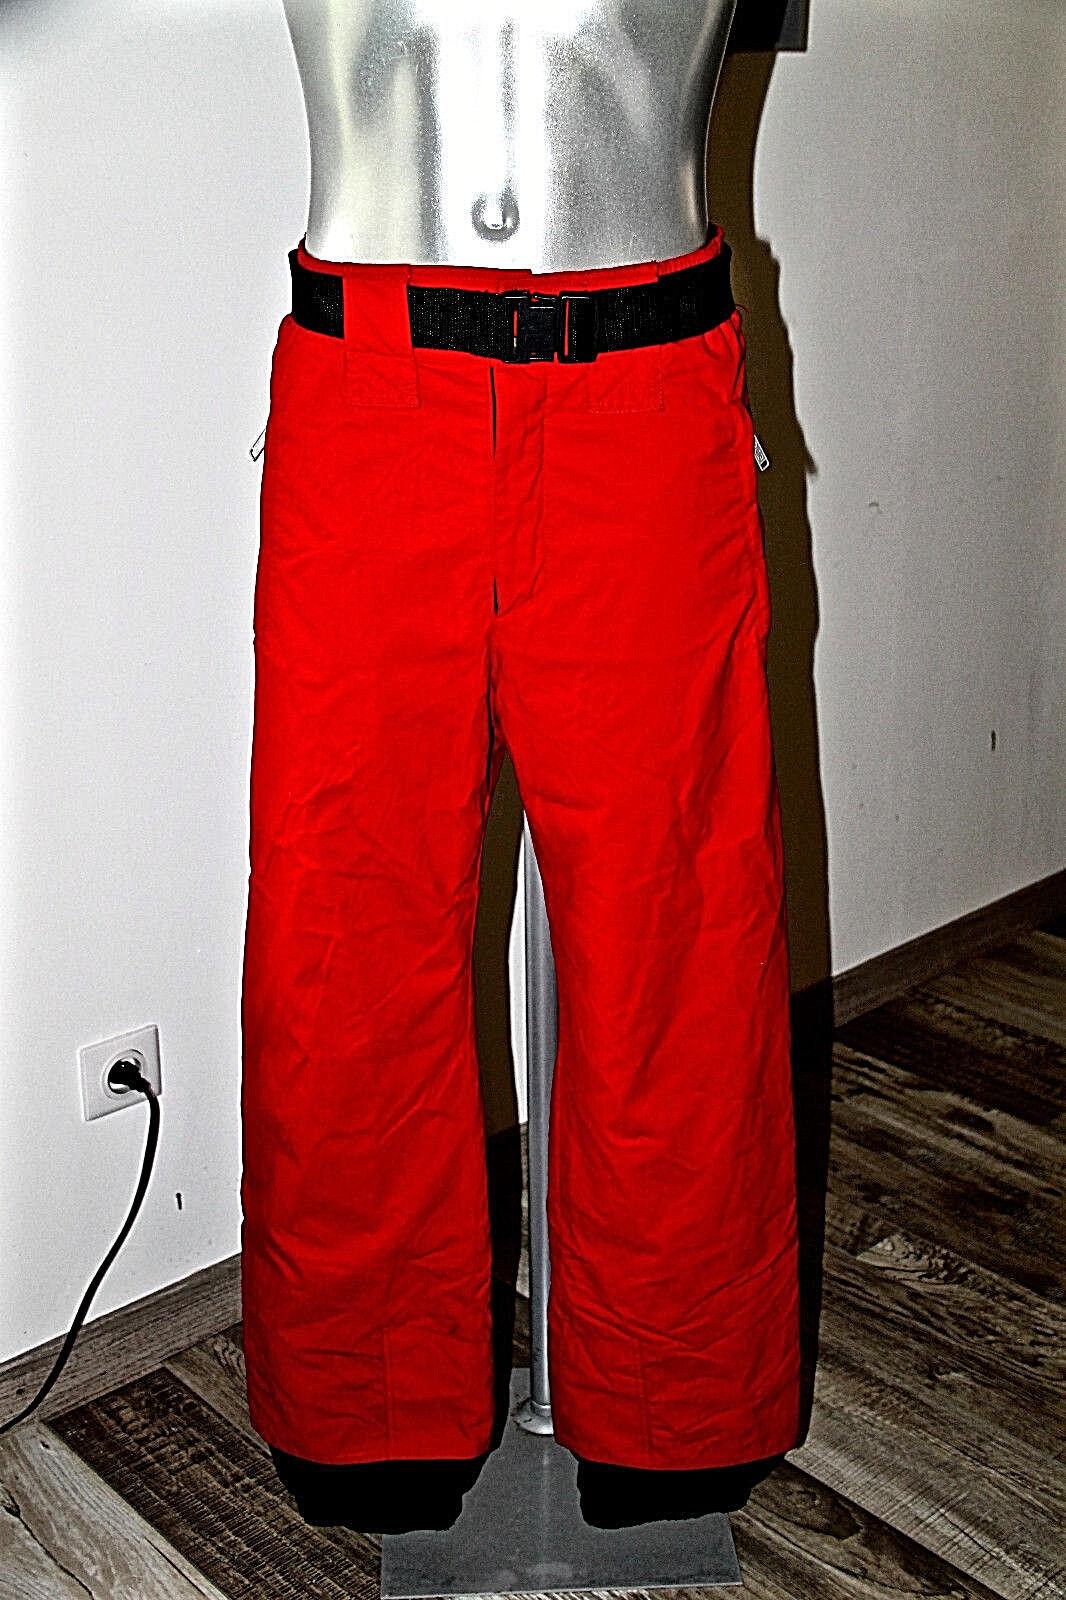 Pantaloni Sci Snowboard Rosso Foderato UomoDonna Eider Taglia 40 Fr 44i L